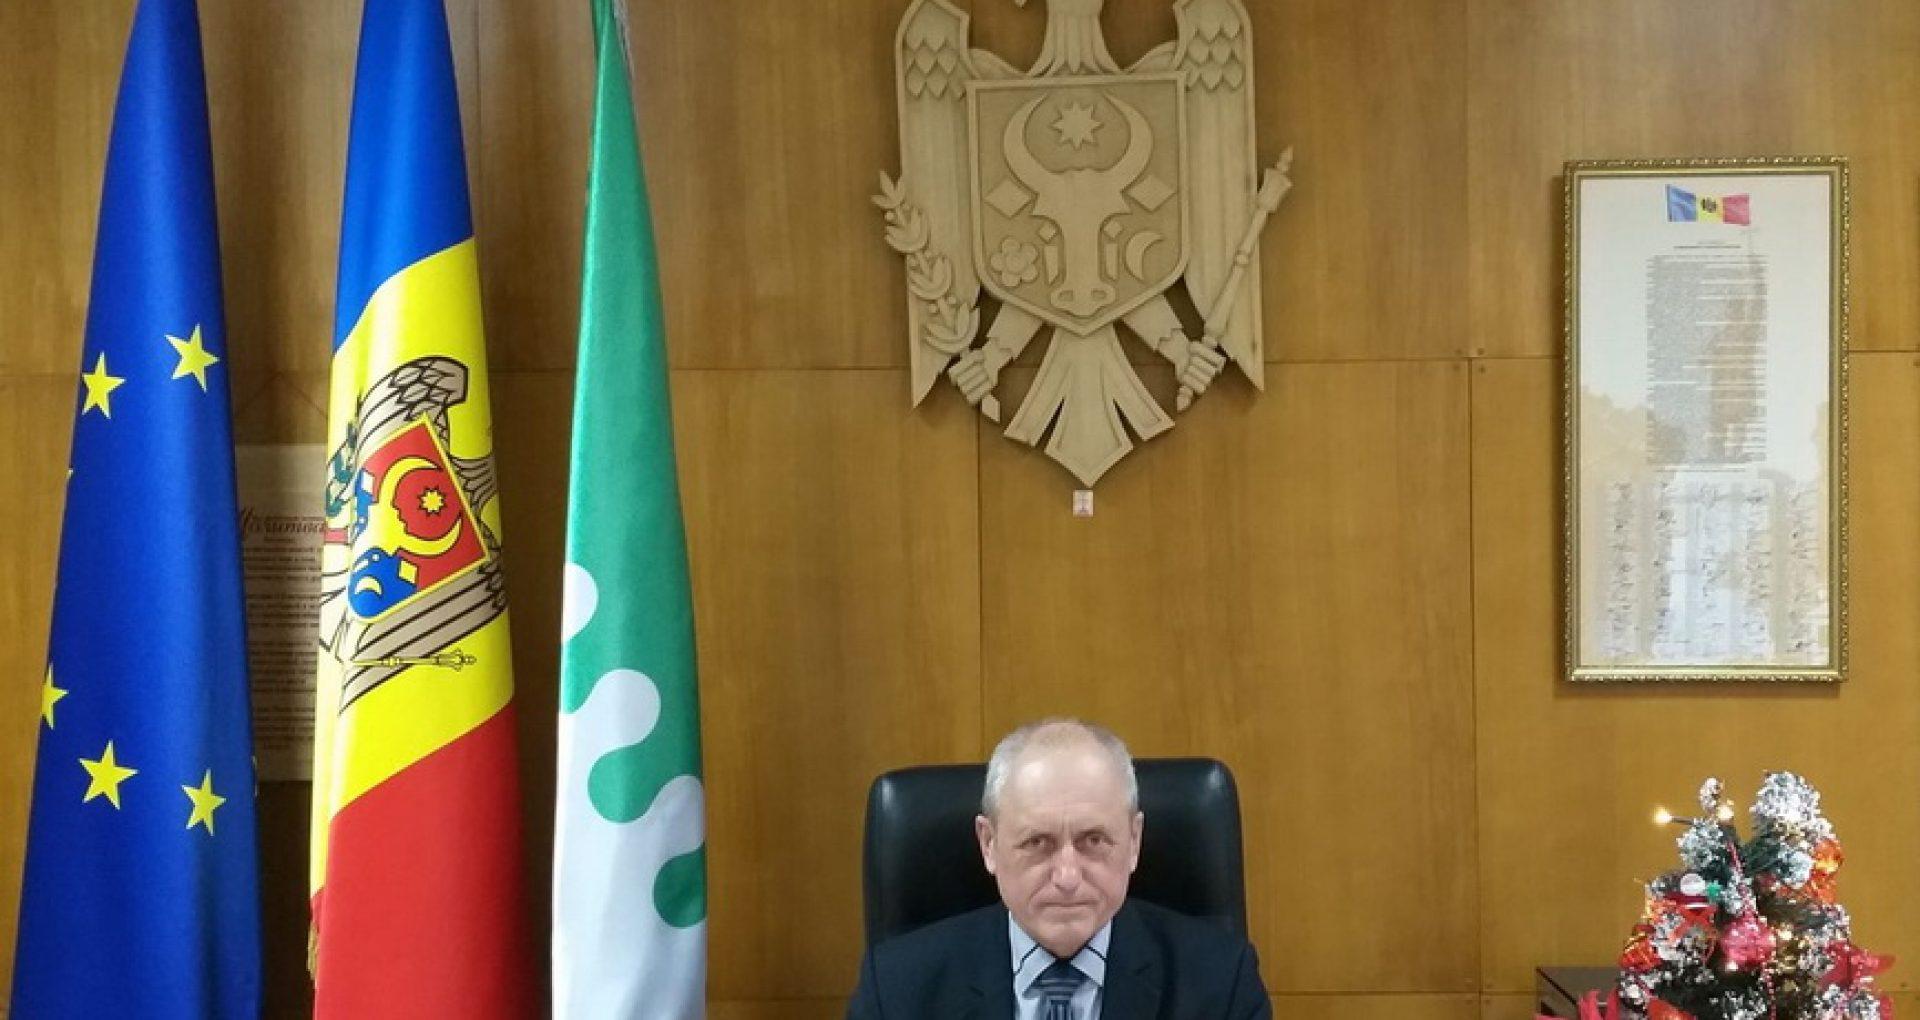 """Președintele raionului Edineț confirmă: """"S-au vaccinat primari, agenți economici, dar și alte persoane precum și rude ale medicilor"""""""